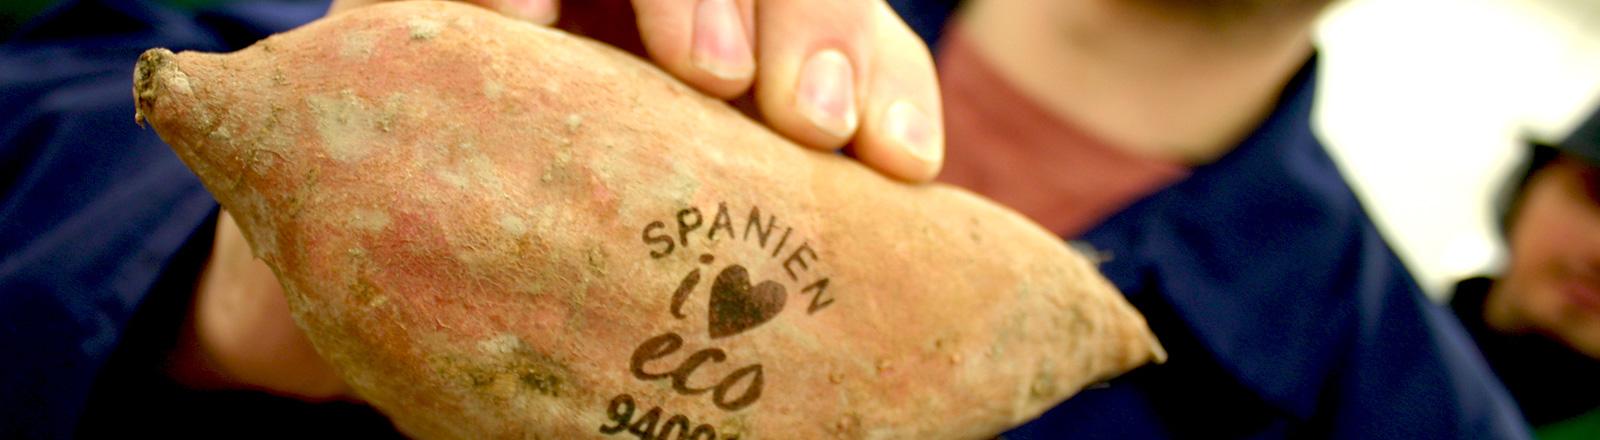 """Eine Hand hält eine Süßkartoffel. Auf der Kartoffel steht """"Spanien"""" sowie ein i in Verbindung mit einem Herzen. Sowie eco und eine Zahlenreihe."""